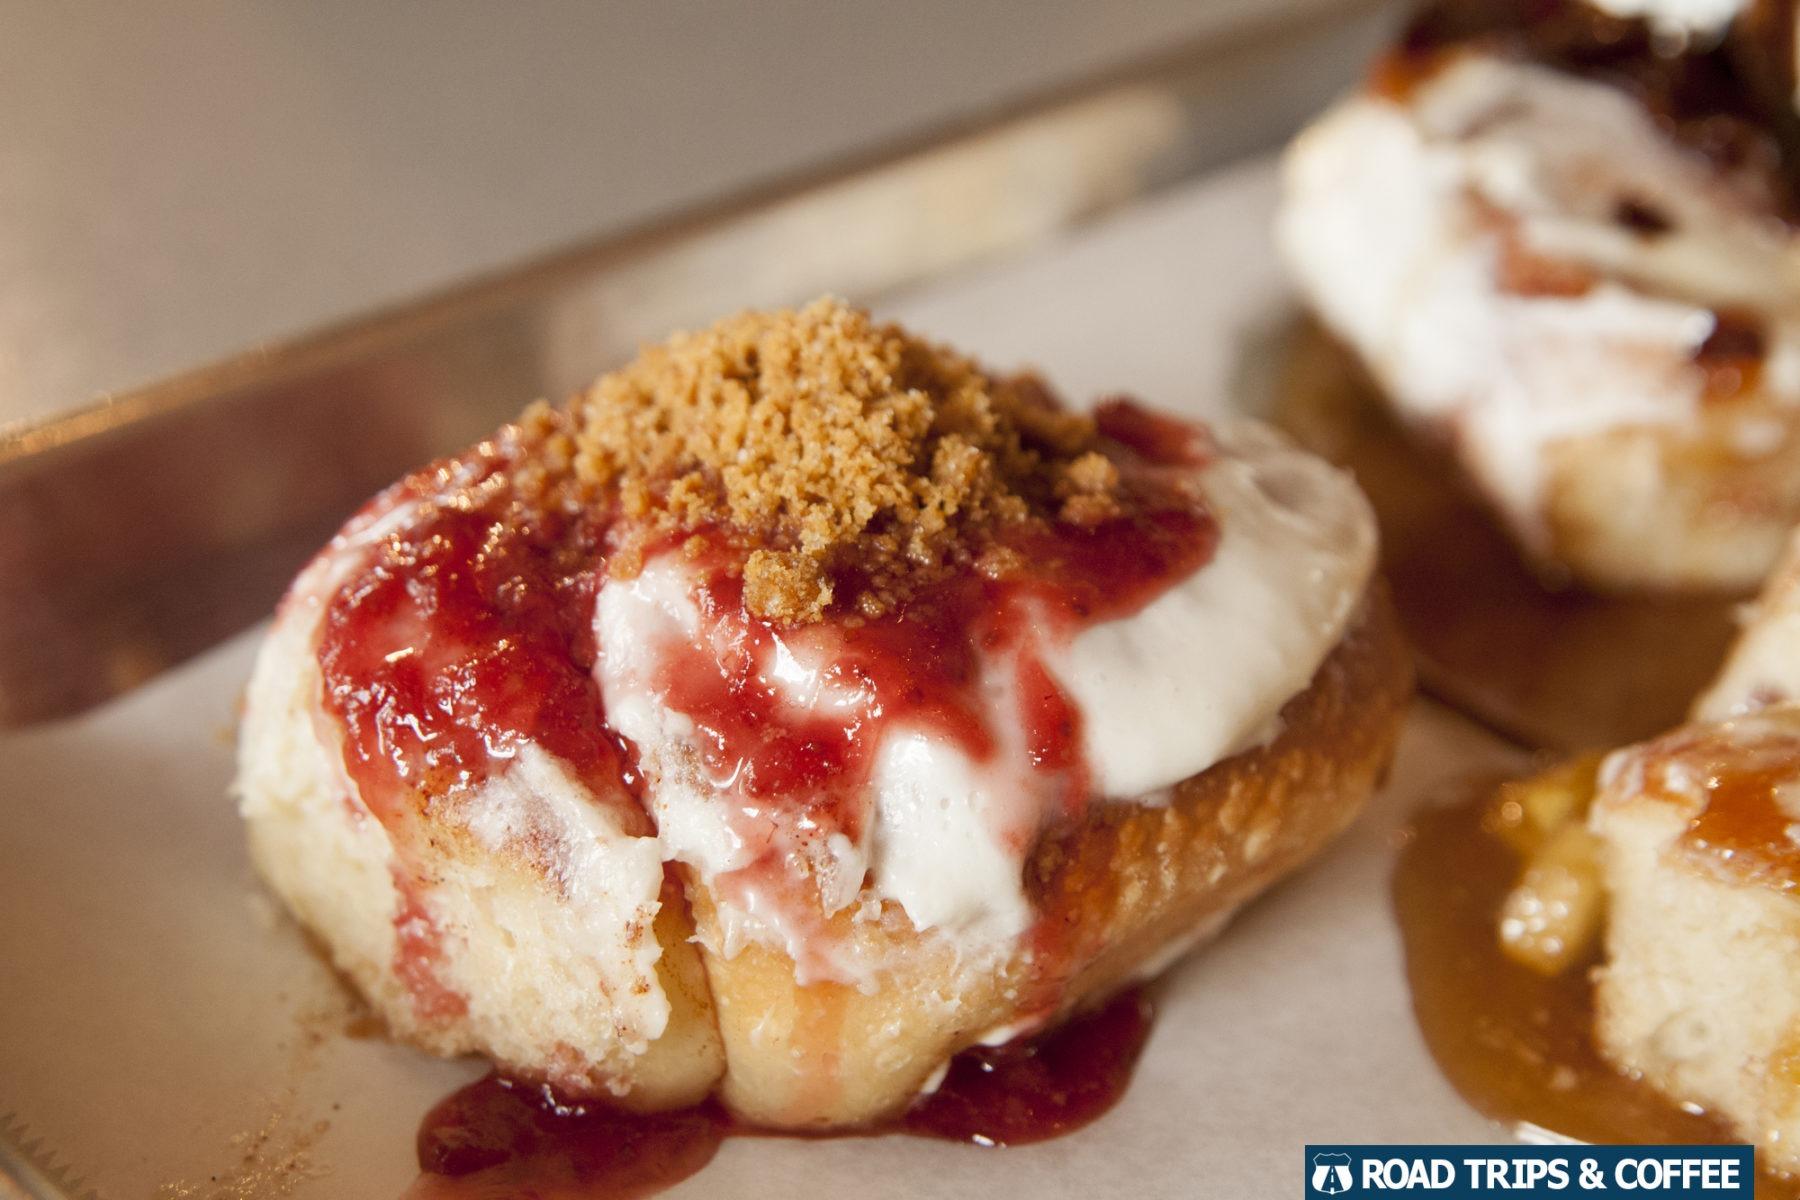 A strawberry cream cheese mini cinnamon roll at The Devine Cinnamon Roll Deli during brunch in Columbia, SC